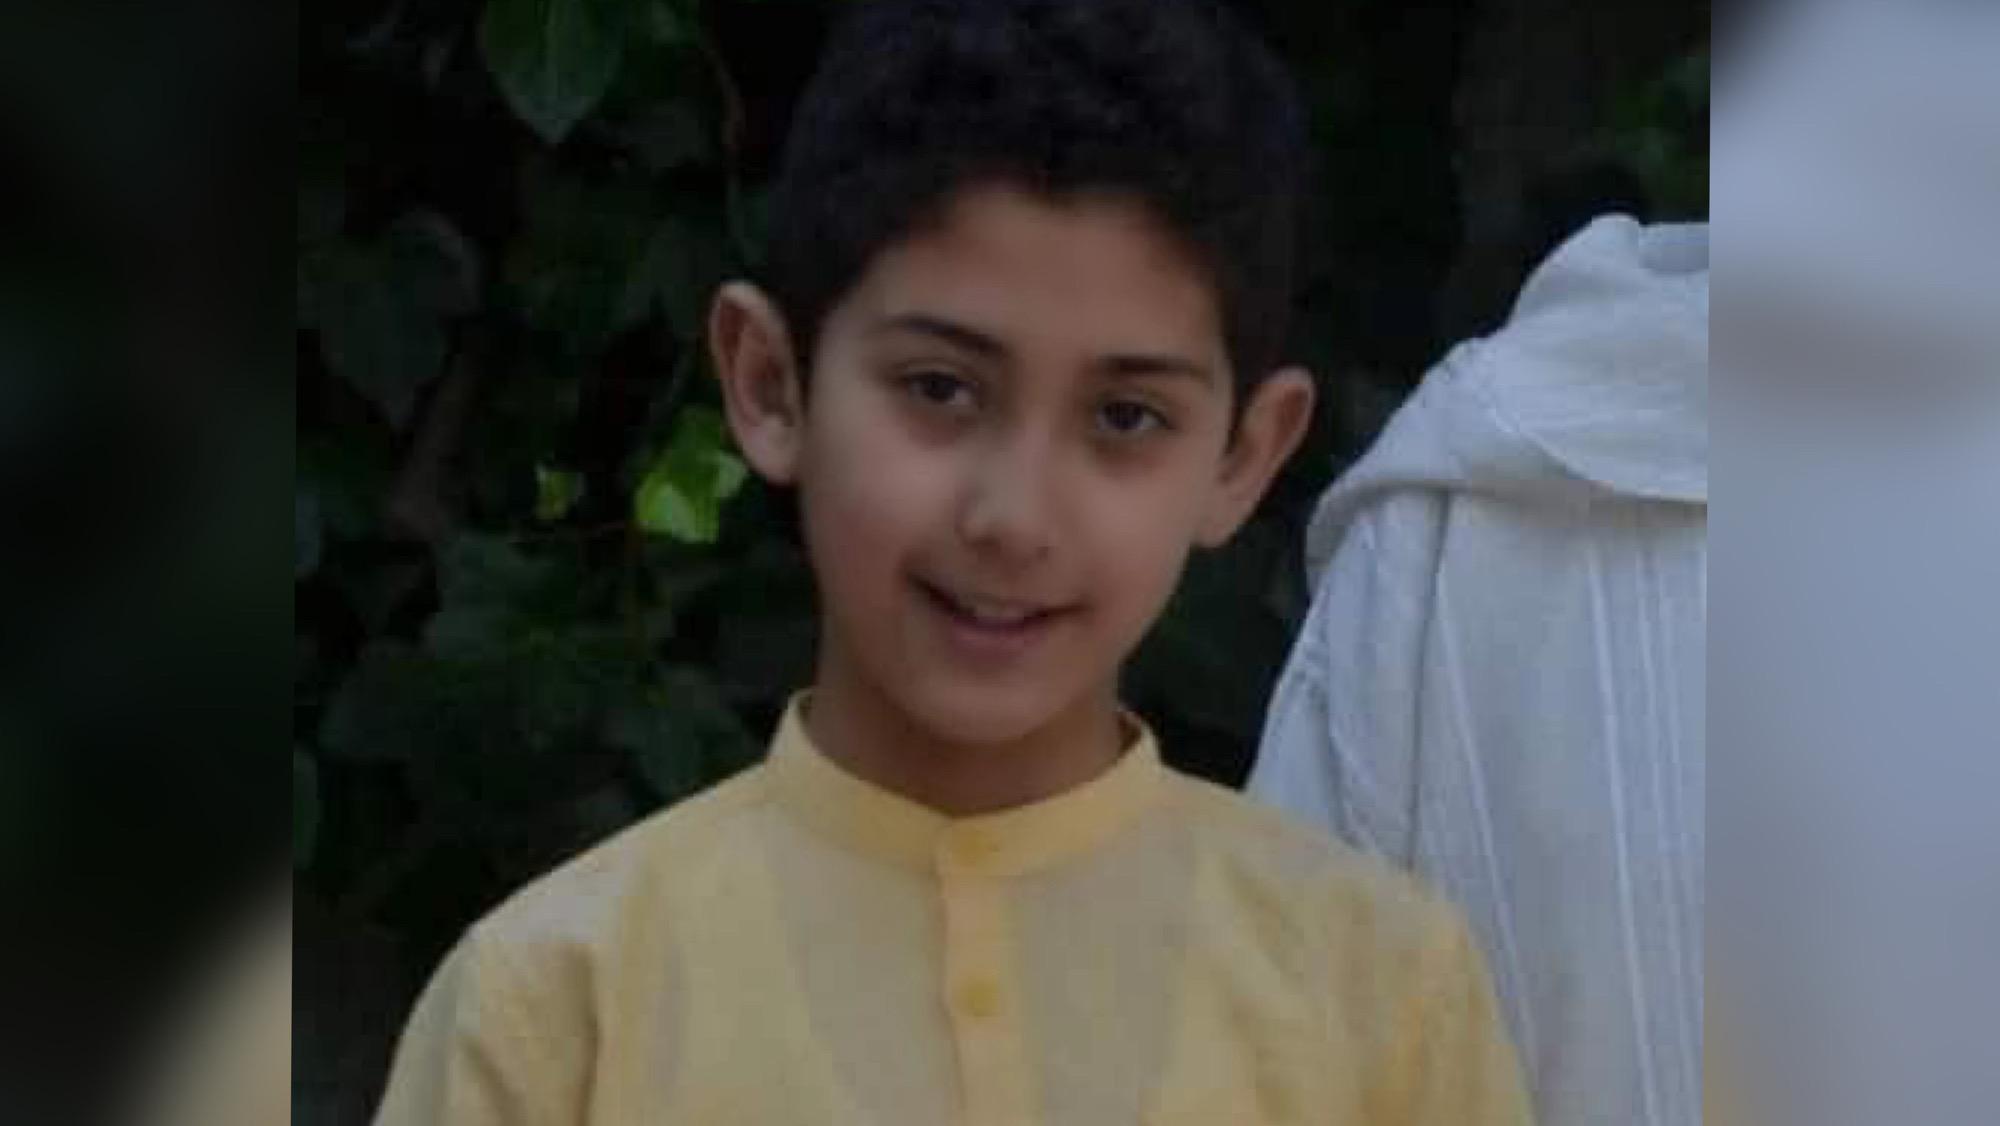 """صورة منح  الطفل عدنان  لقب """"شخصية الأسبوع """" في قناة الجزيرة"""